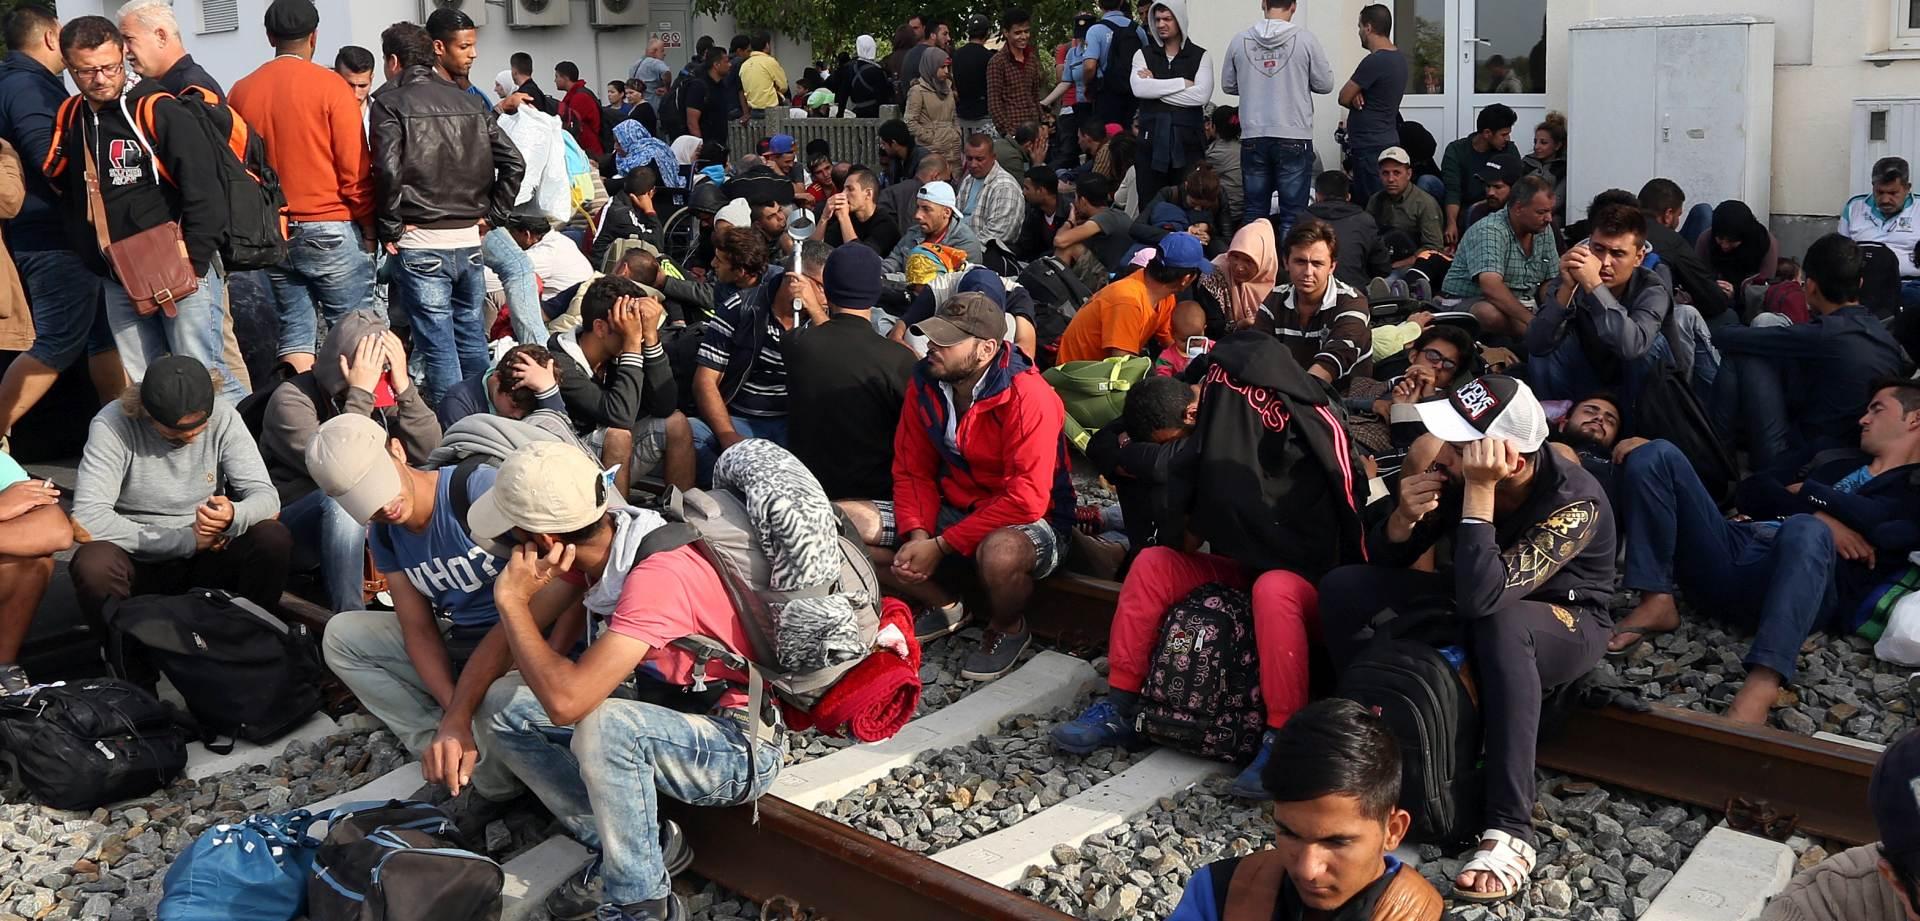 IZBJEGLIČKA KRIZA:  Slovenija Hrvatskoj nudi pomoć; nema koridora